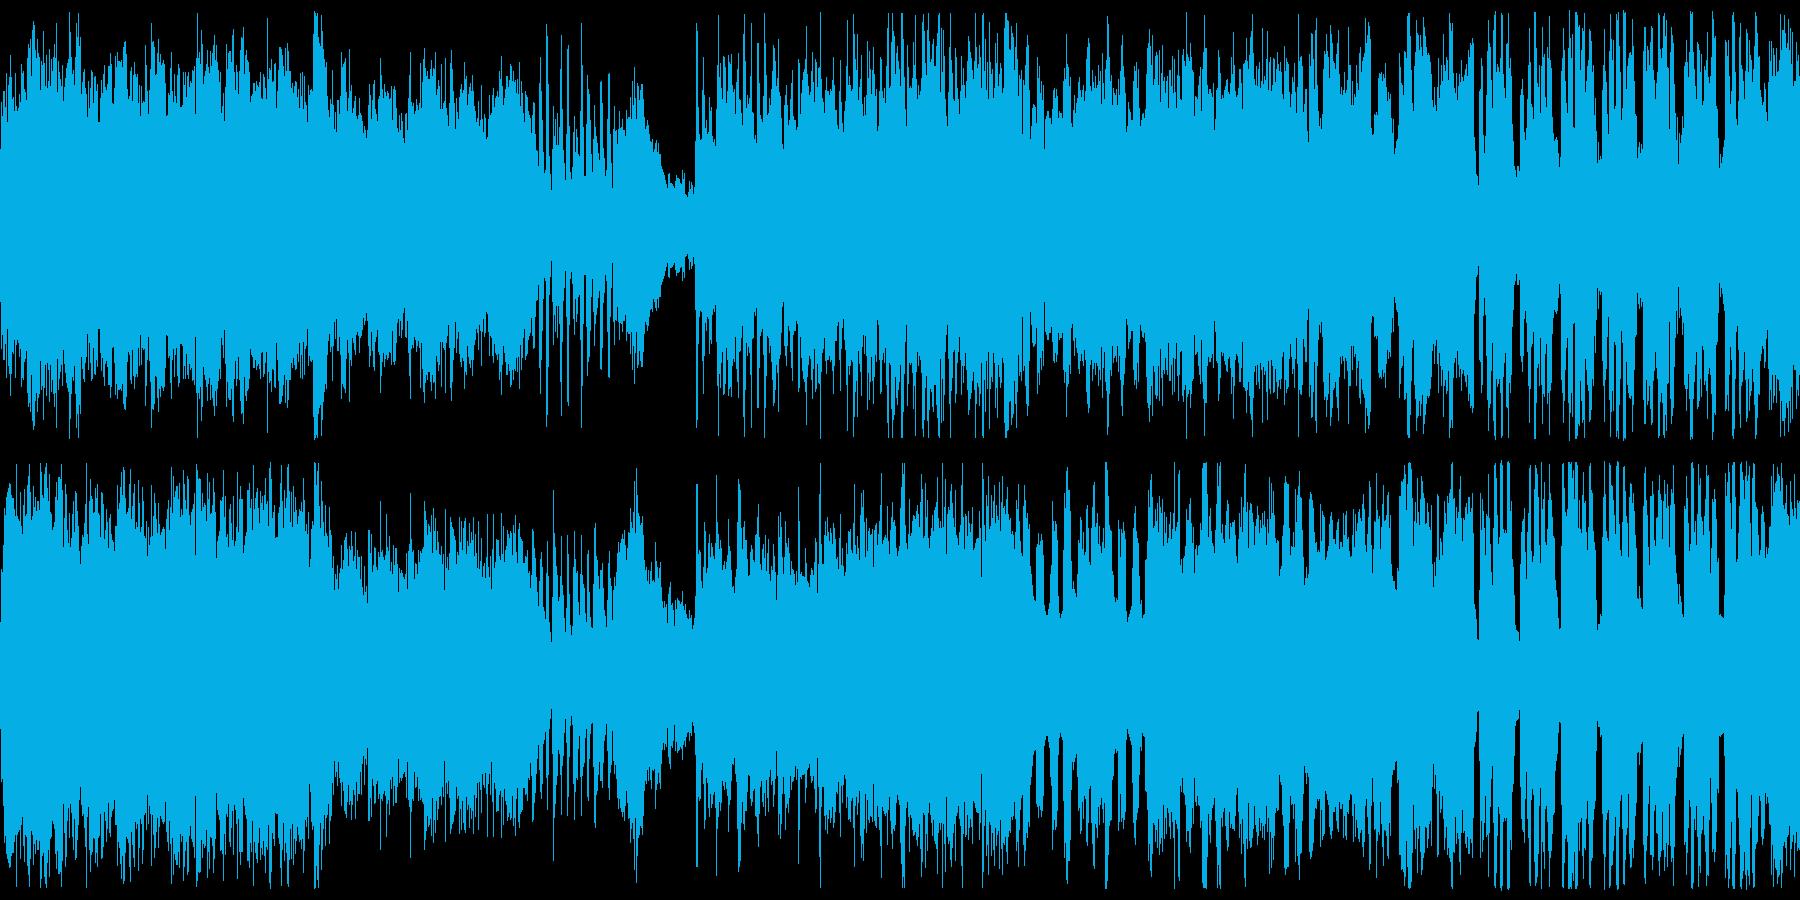 優雅で高貴でクラシカルな明るい曲の再生済みの波形